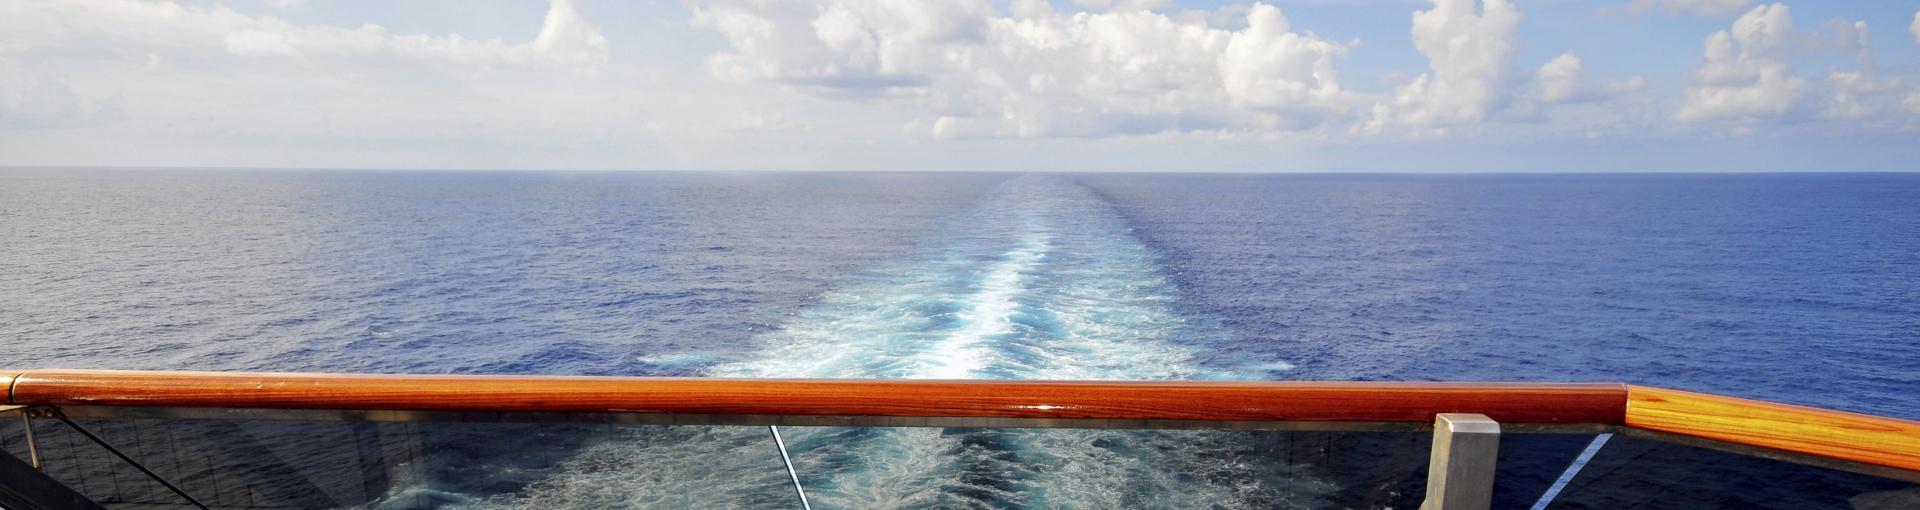 Kreuzfahrt Balkon - Ratenzahlung